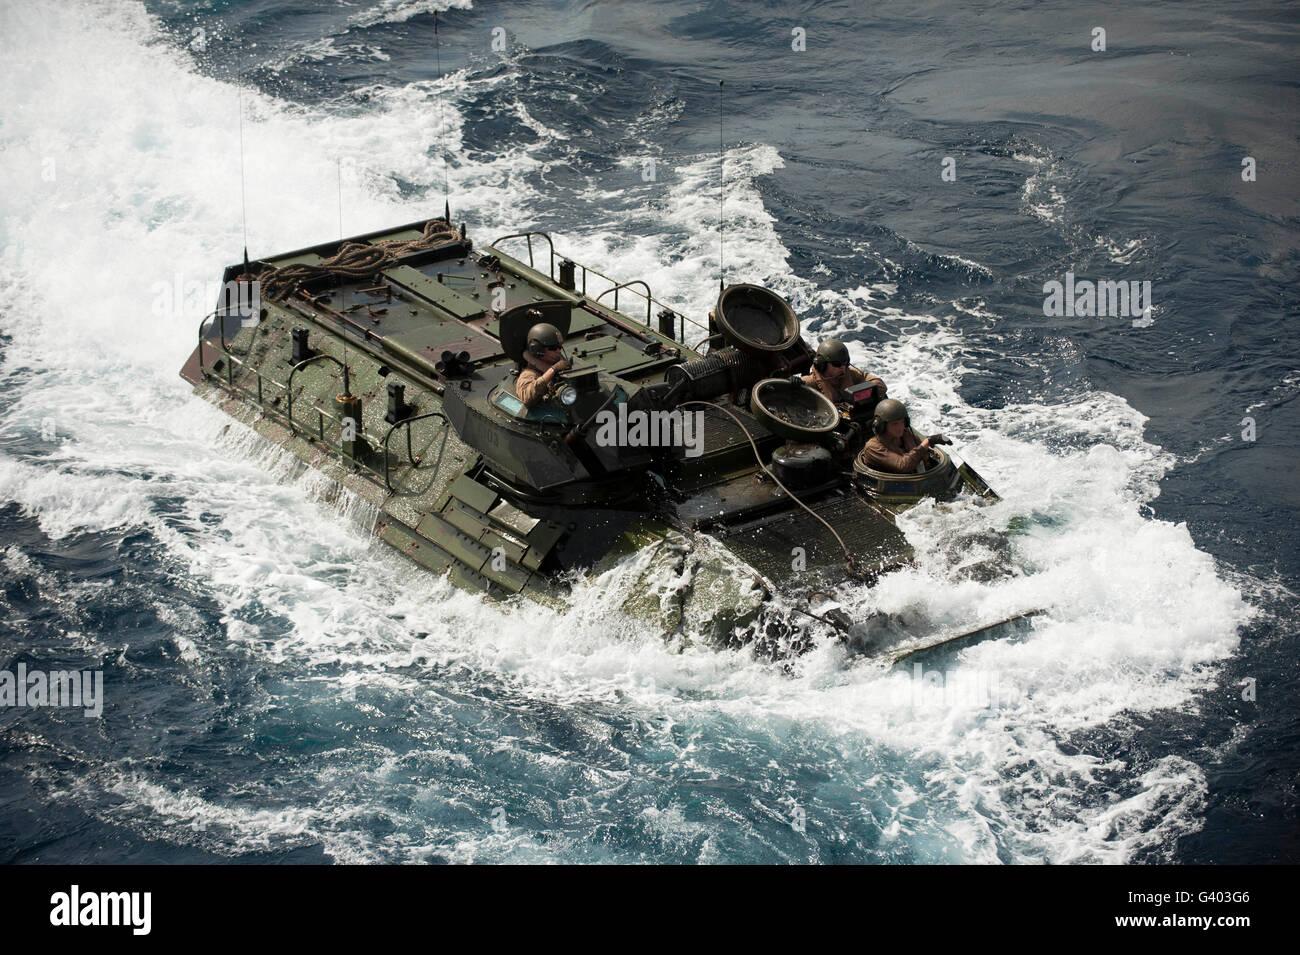 An AAV-7 amphibious assault vehicle. Stock Photo